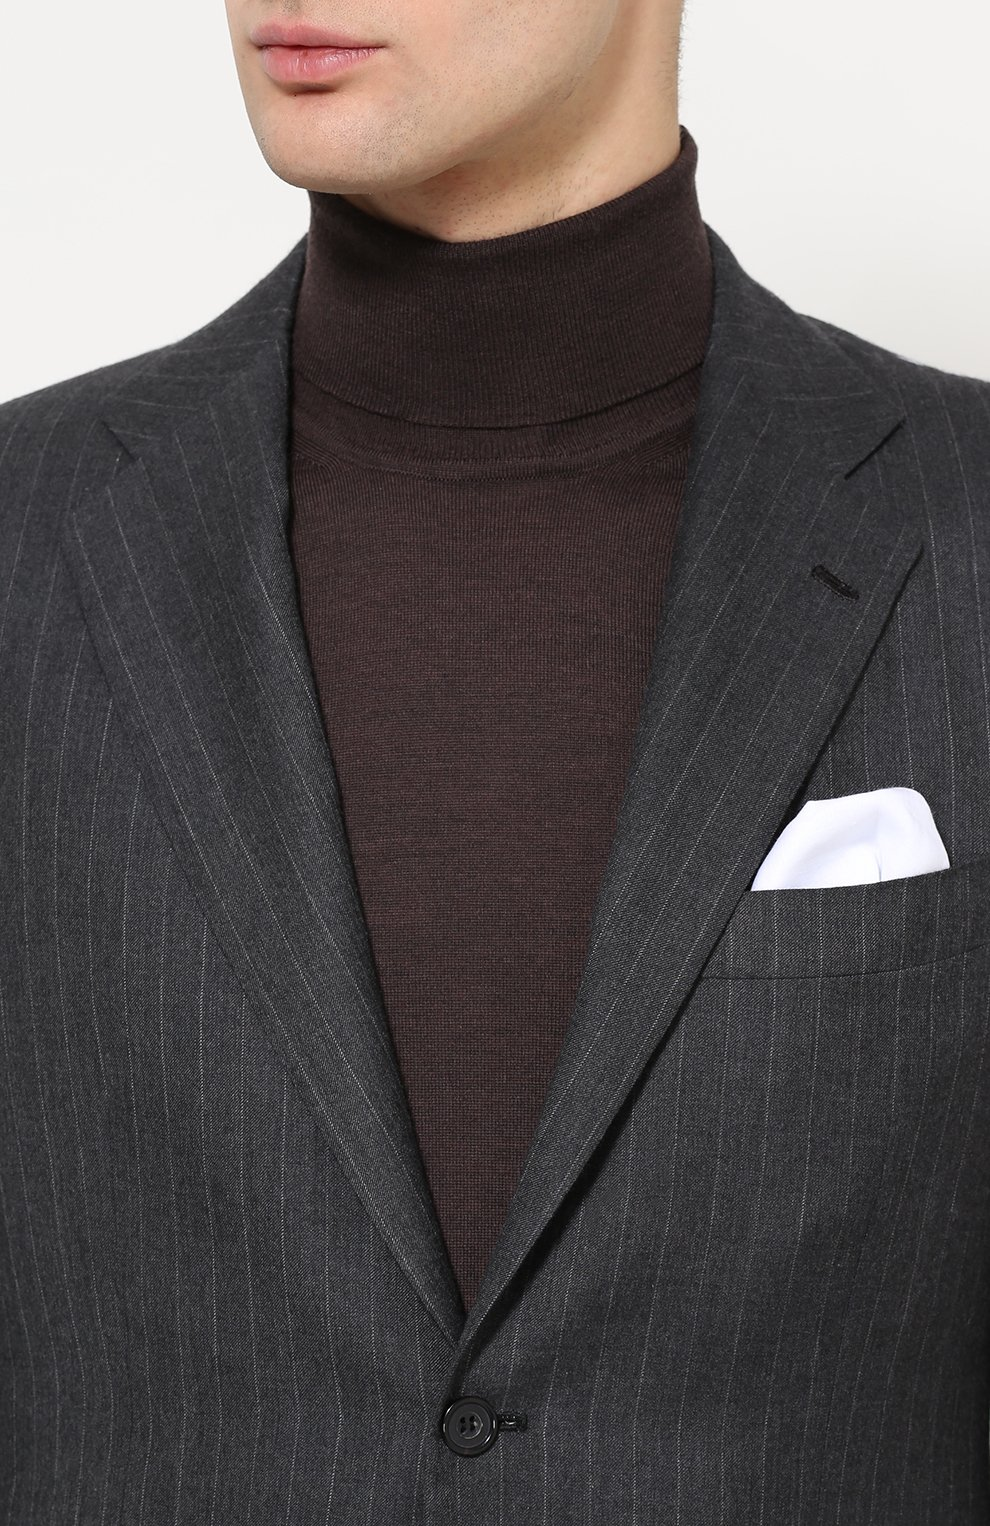 1c71f6097e2 Мужской темно-серый кашемировый костюм в полоску KITON — купить за ...